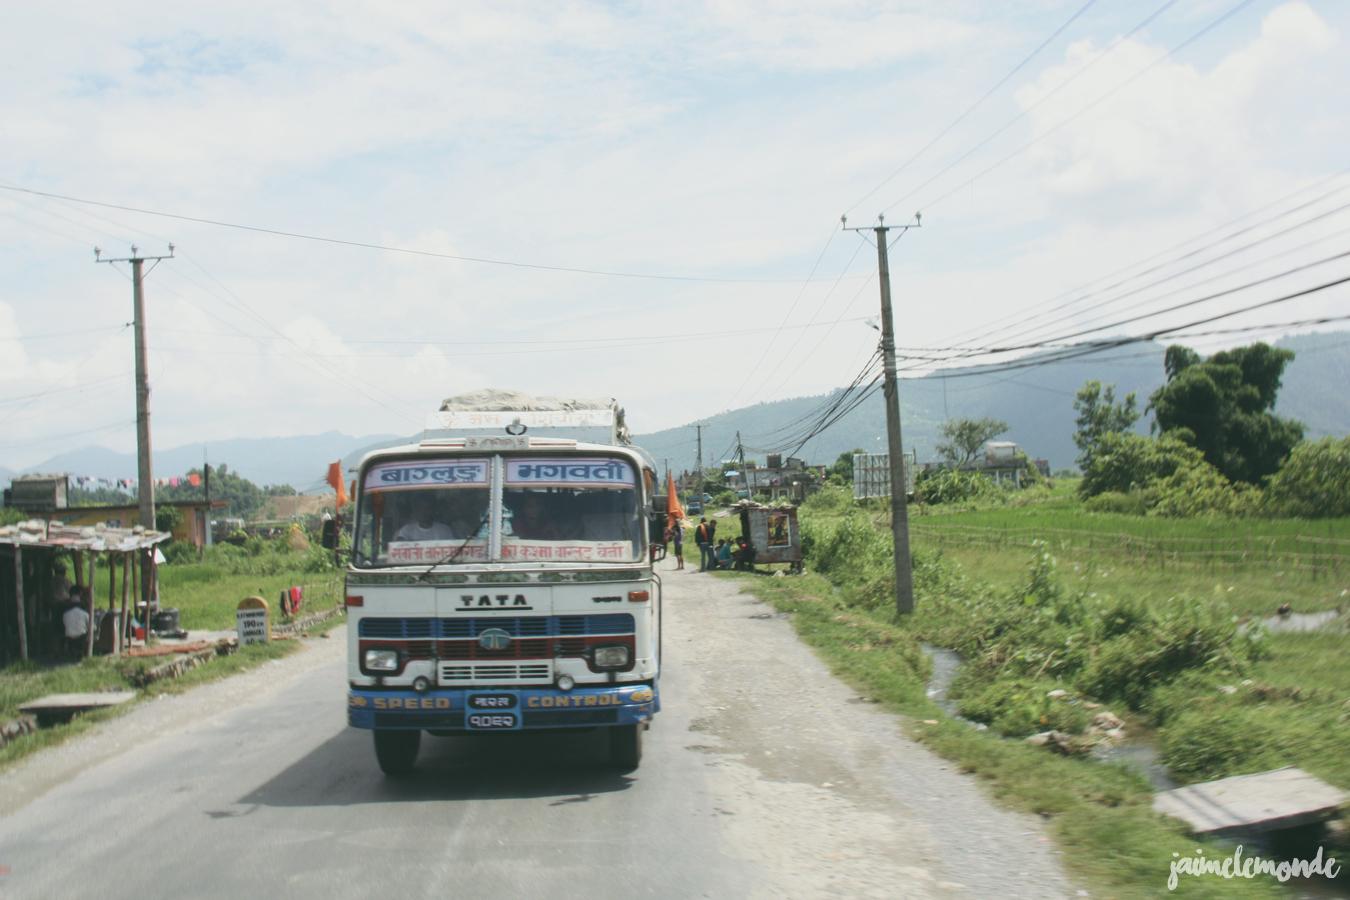 Blog voyage - 50 photos au Népal - ©jaimelemonde (9)